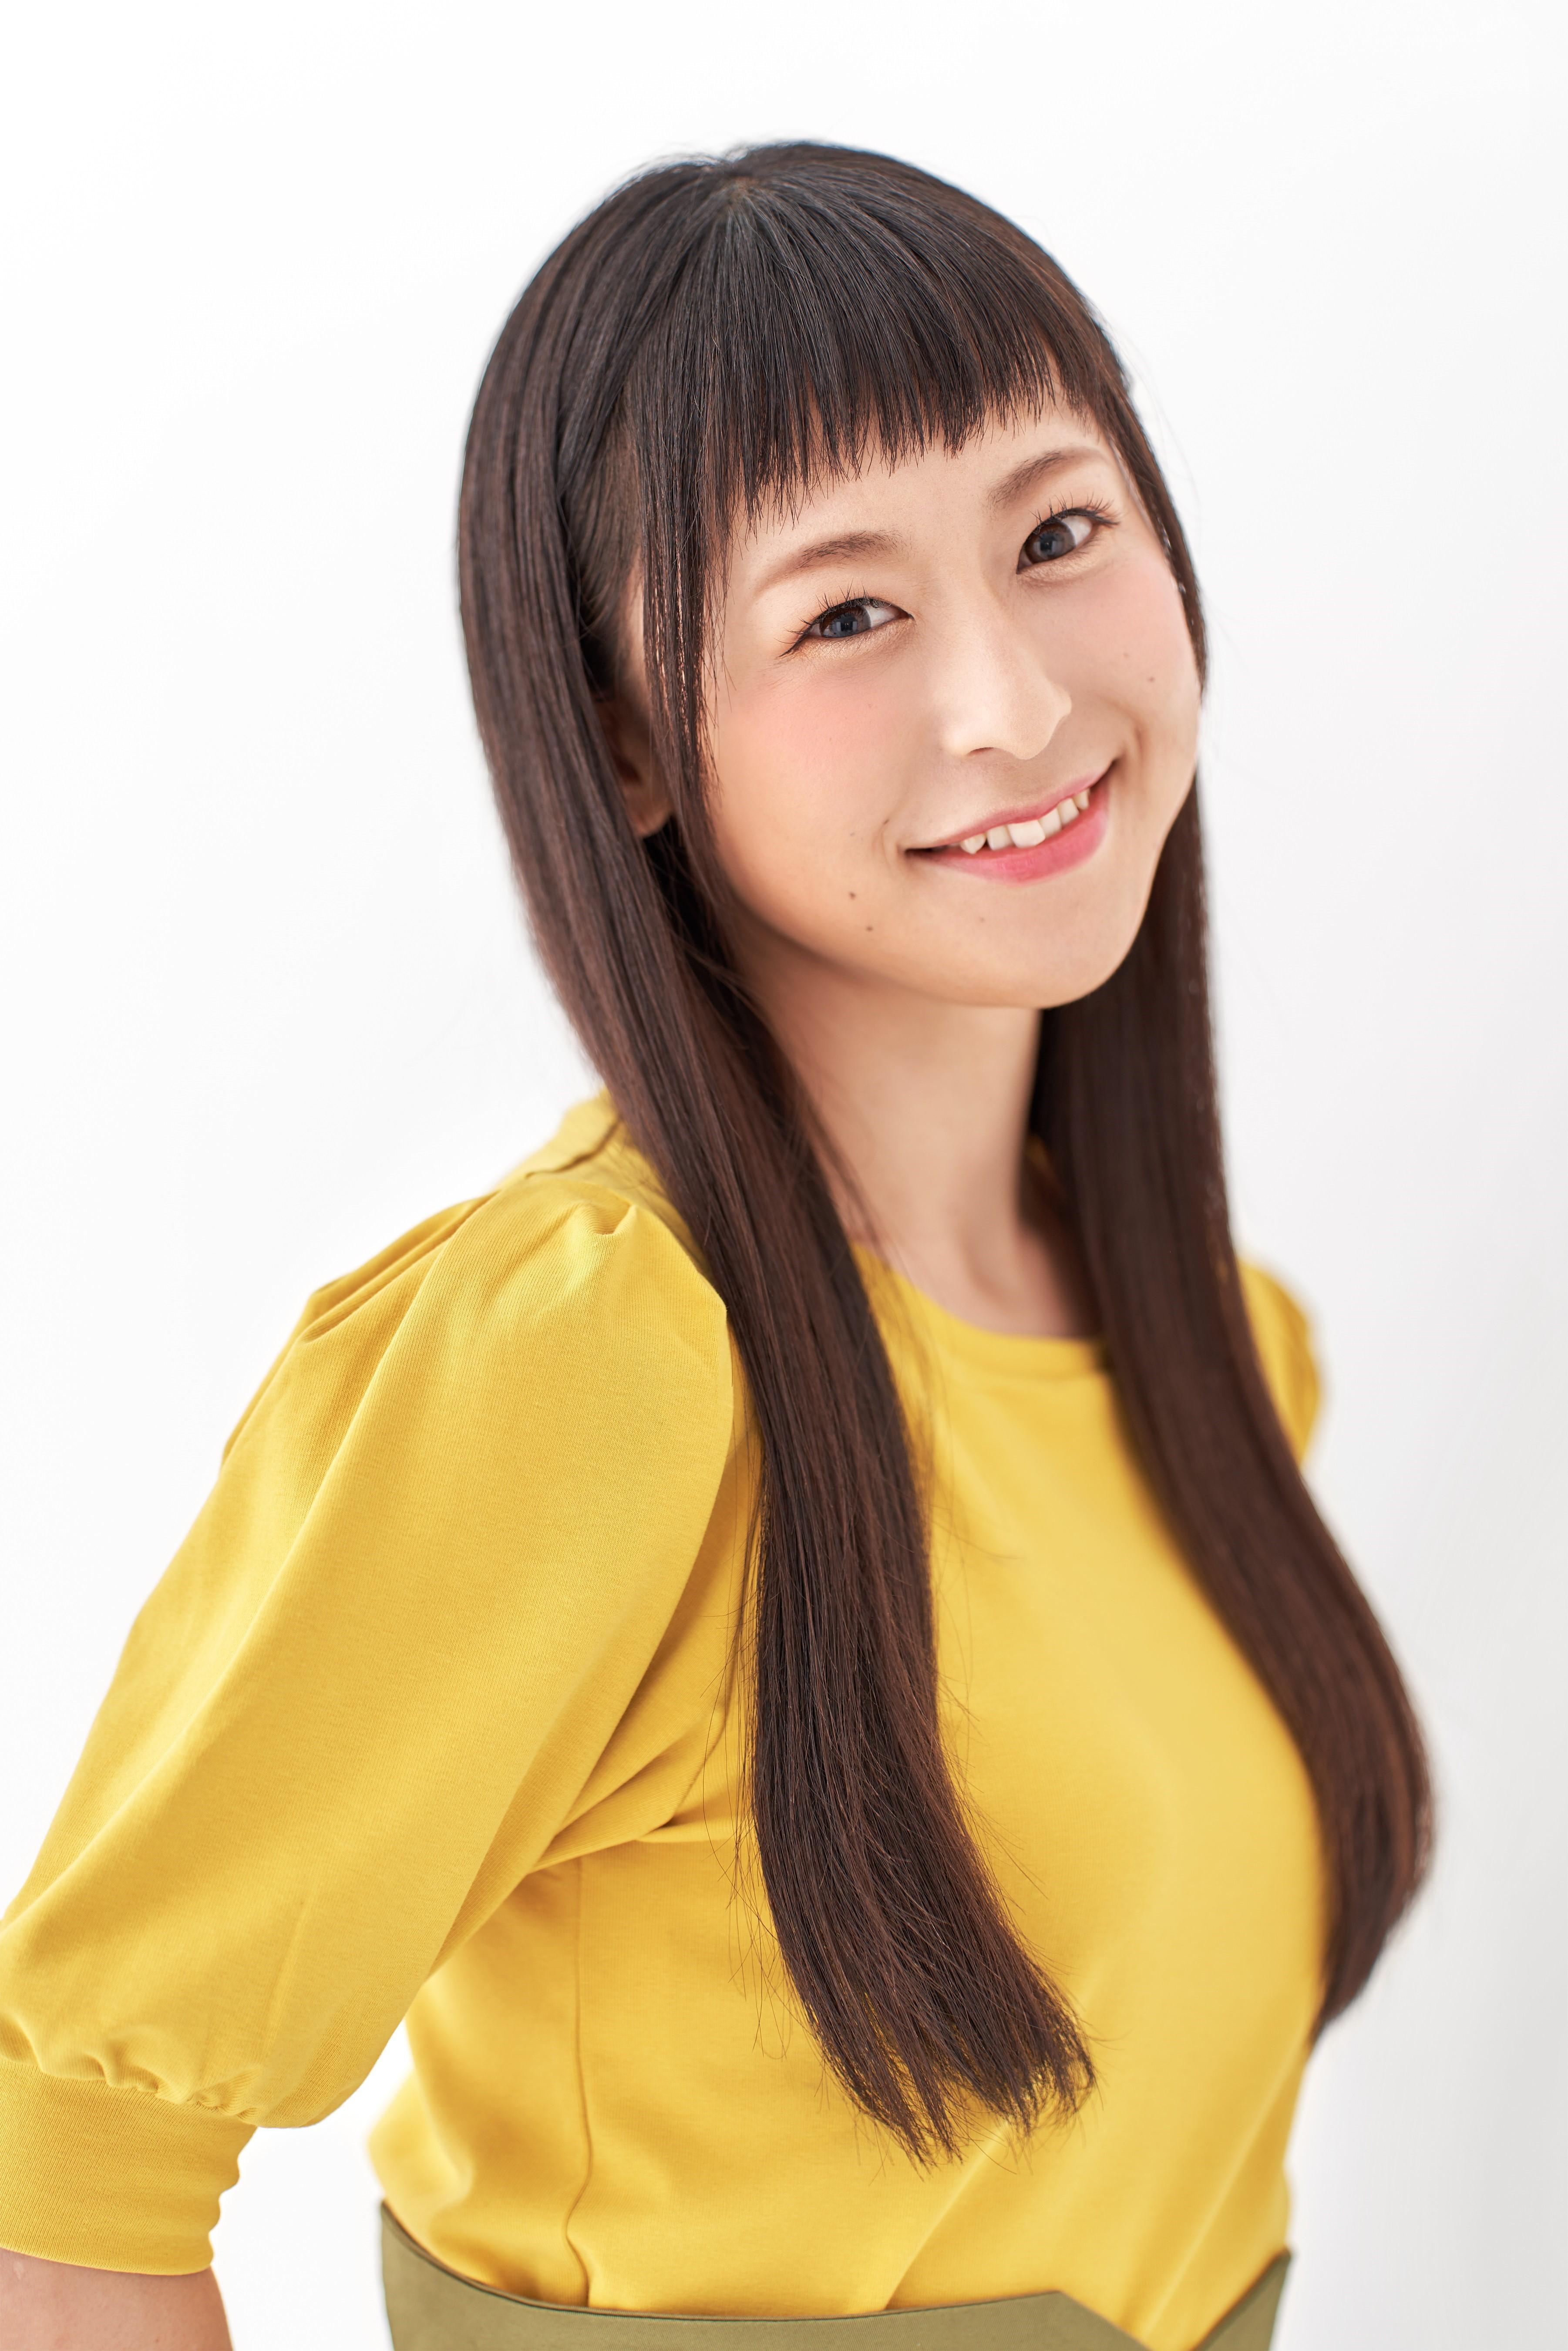 徳井青空 Twitter